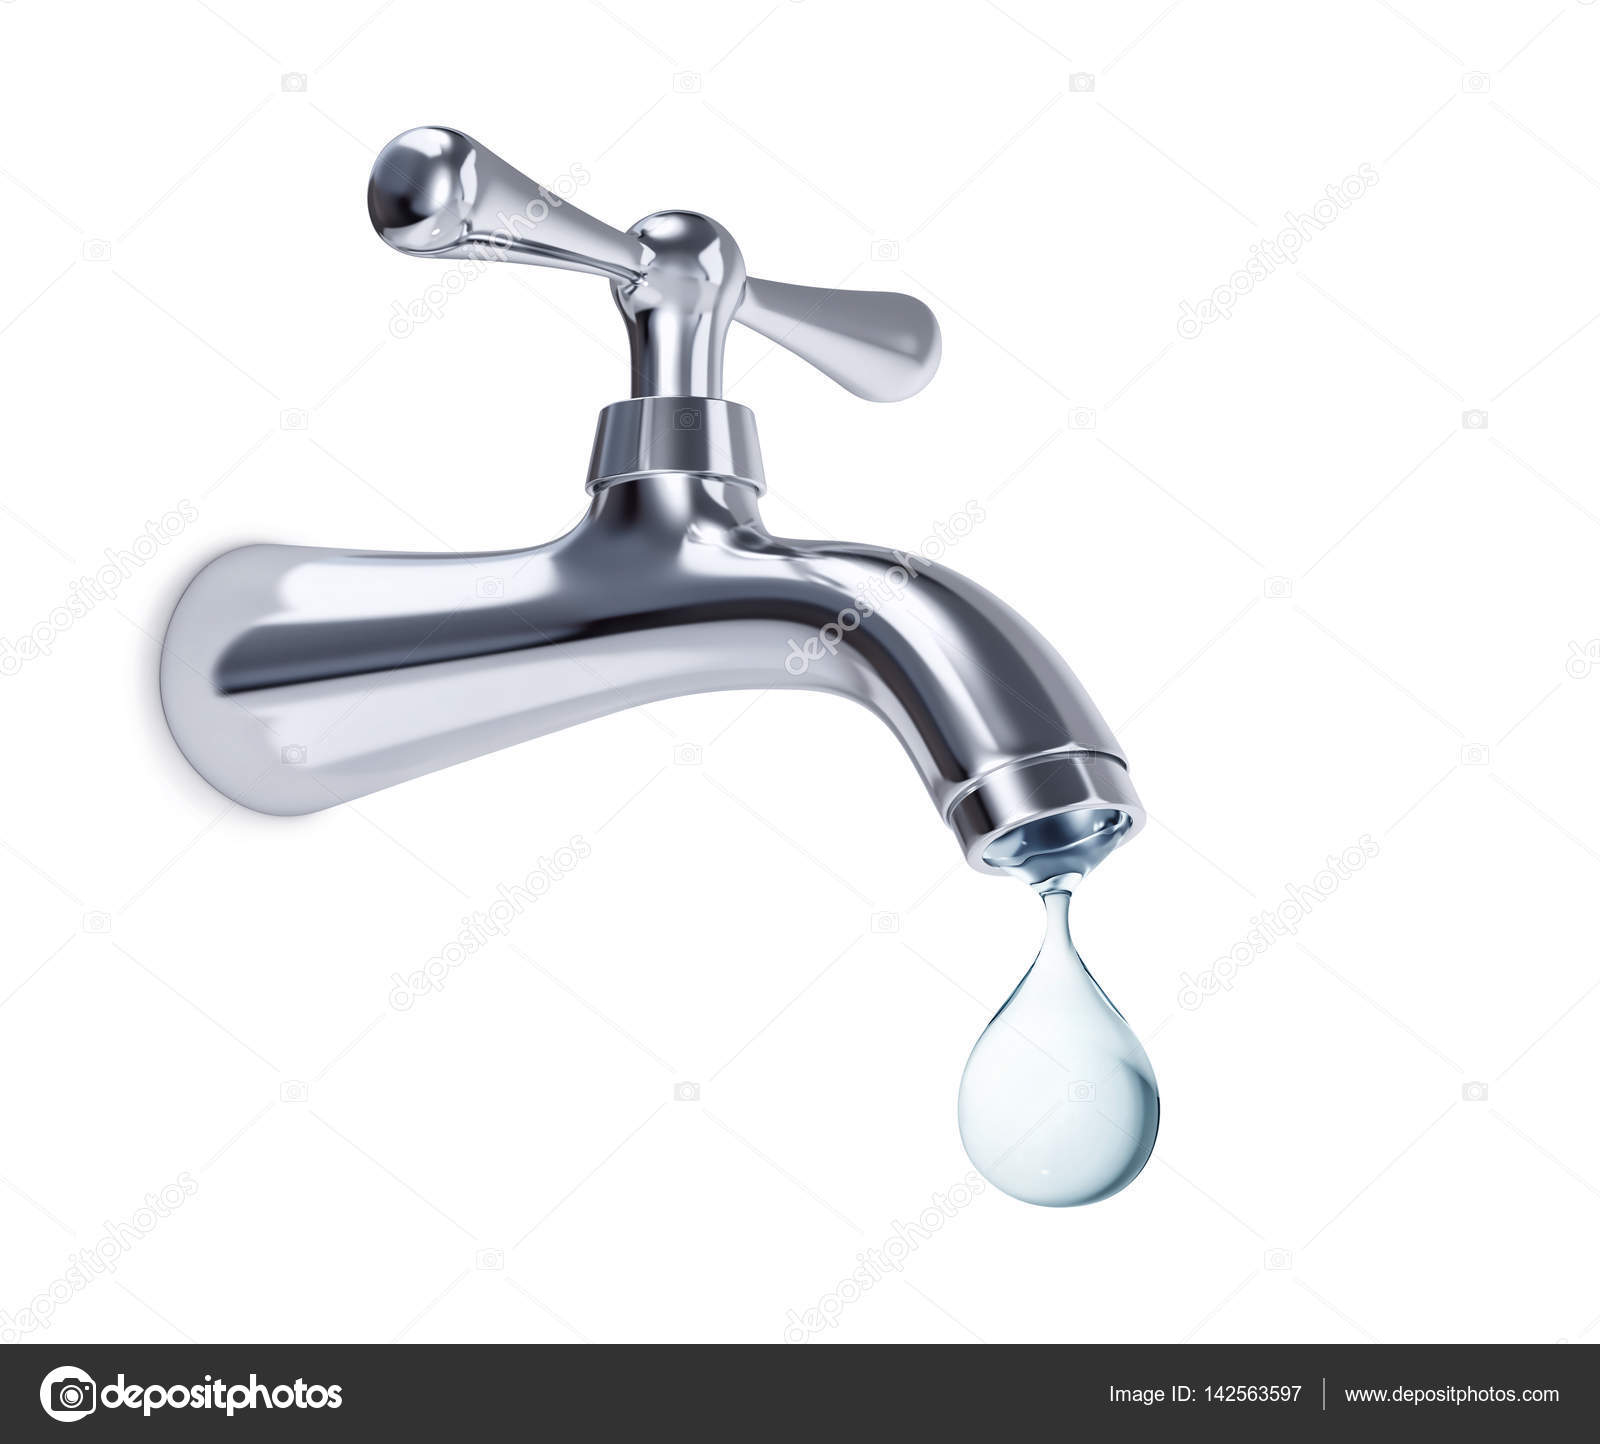 grande foto di rubinetti